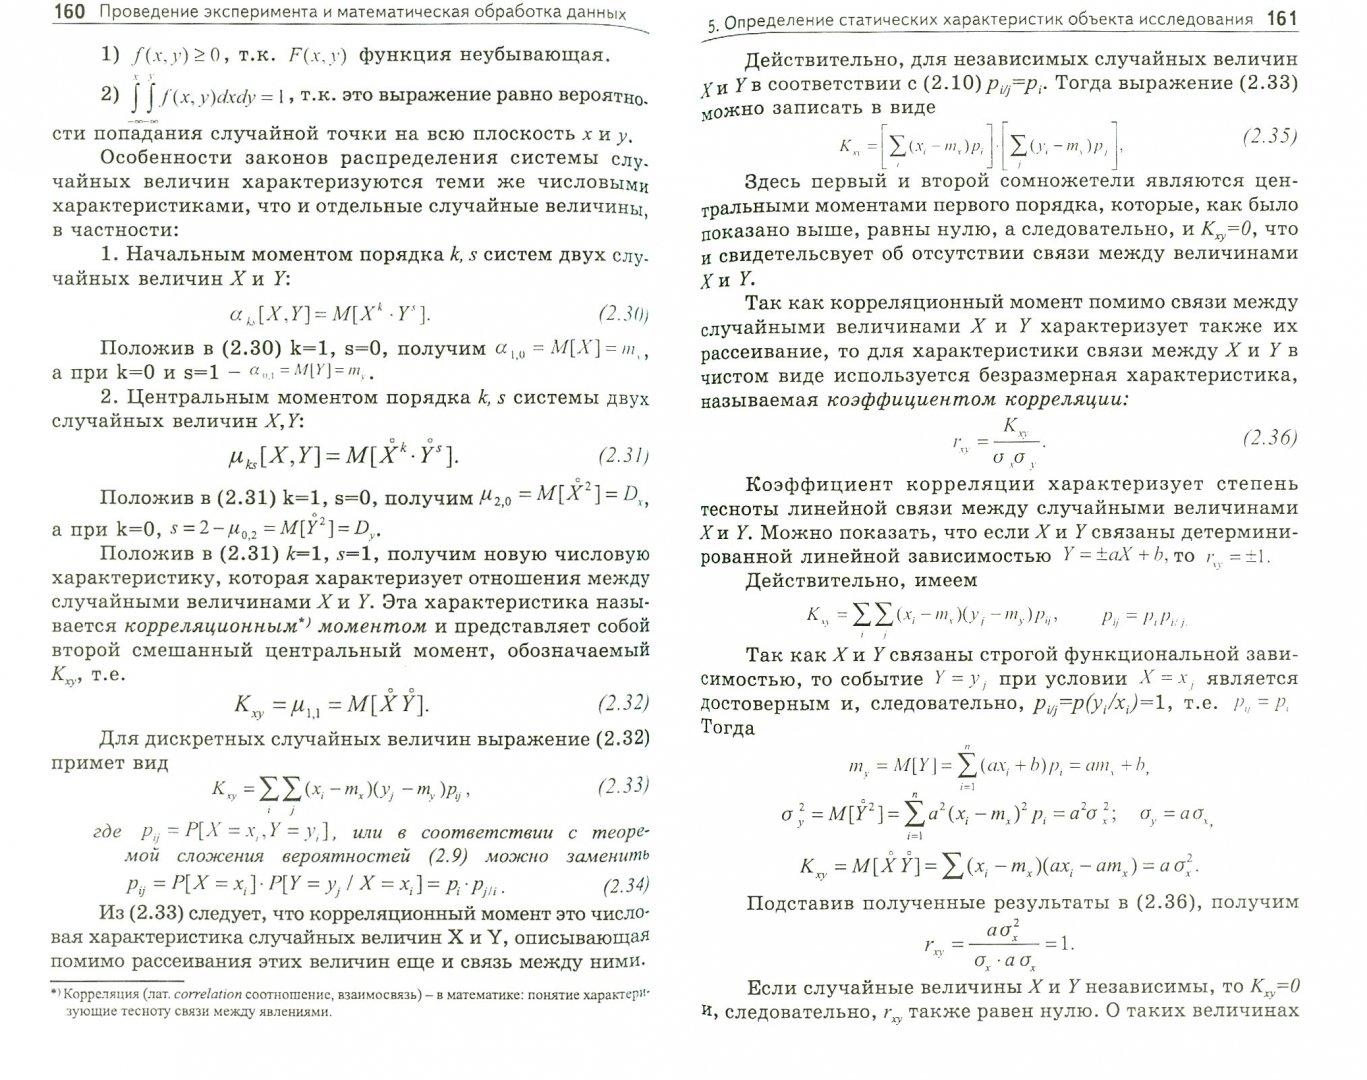 Иллюстрация 1 из 4 для Методы исследований и организация экспериментов - Власов, Киселева, Осичев, Власов | Лабиринт - книги. Источник: Лабиринт